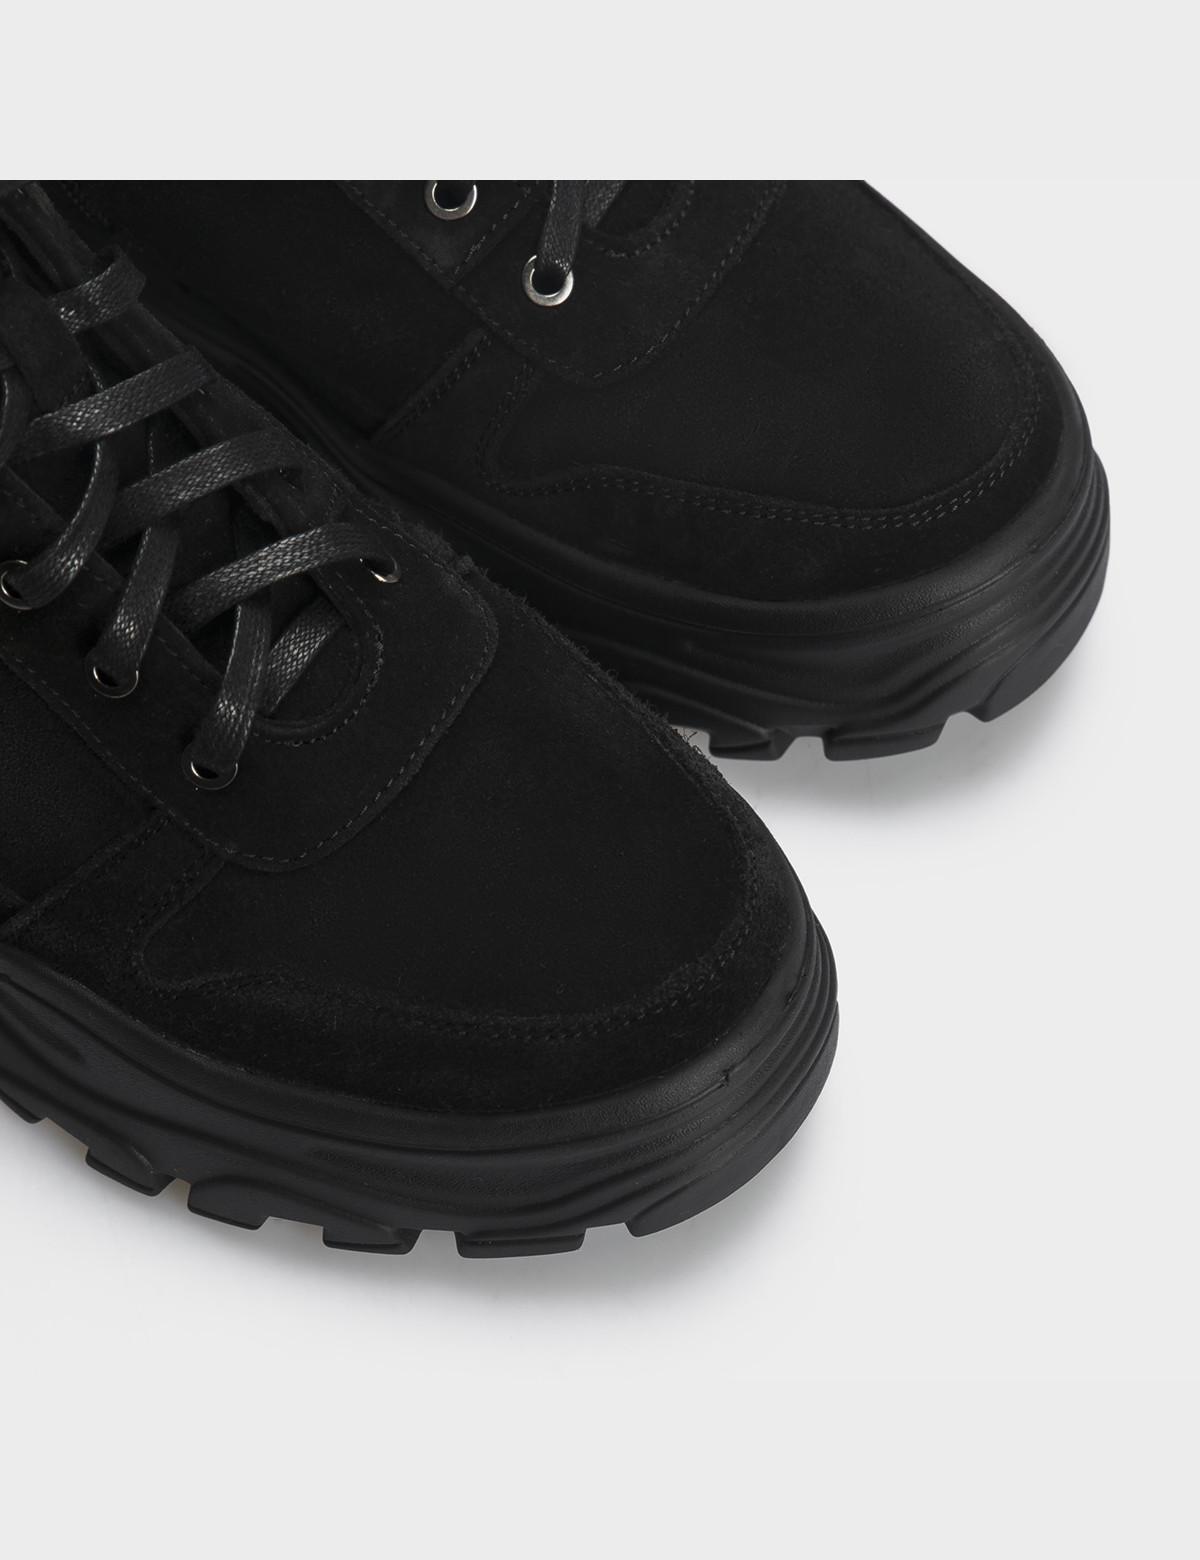 Ботинки черные, натуральная кожа/замша. Шерсть5